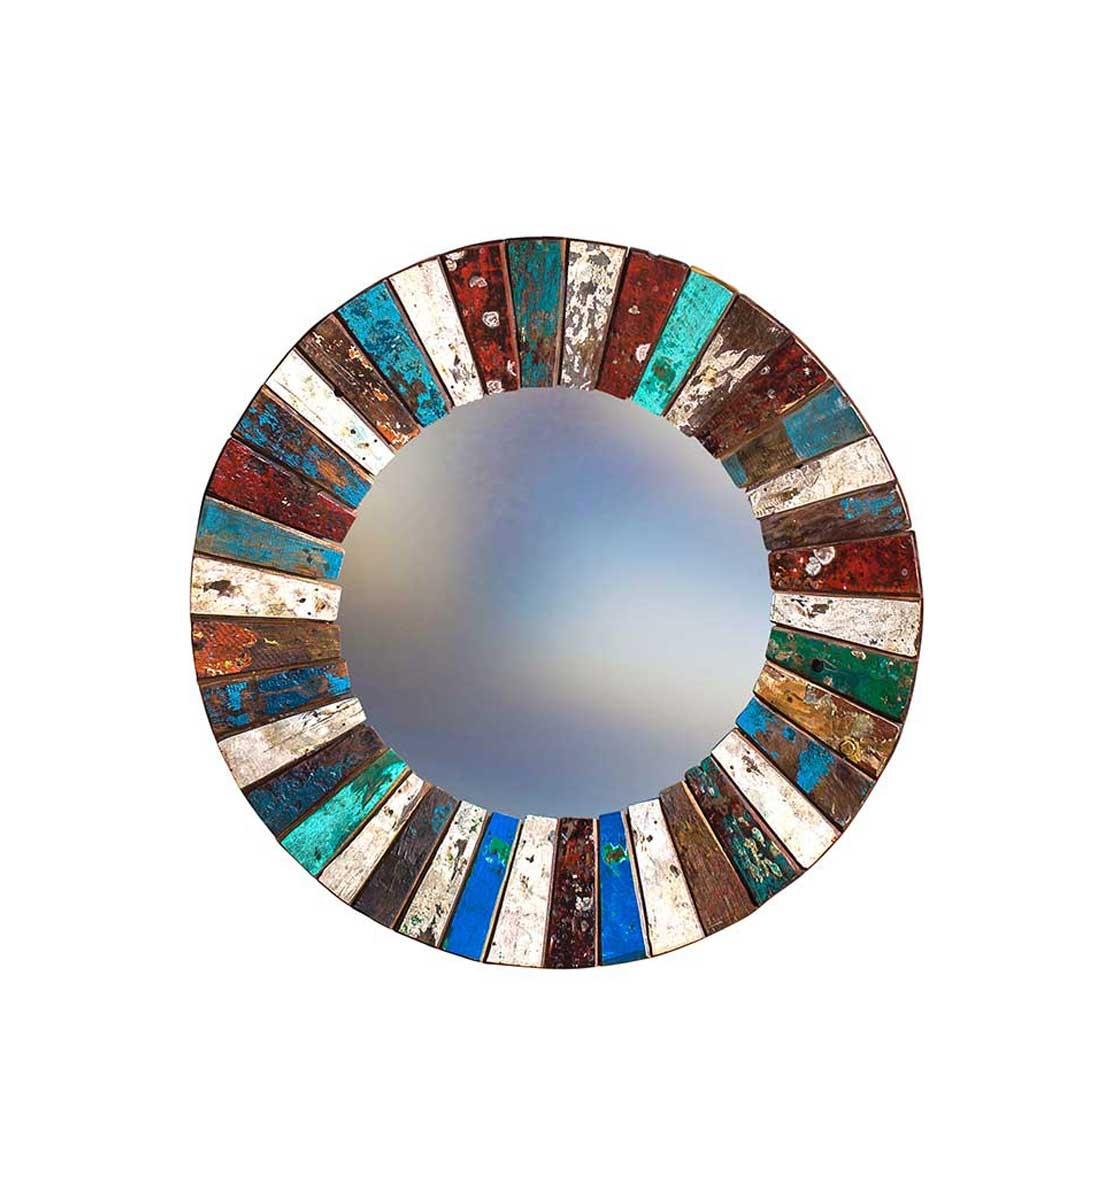 Зеркало КолобокНастенные зеркала<br>Круглое зеркало выполнено из фрагментов настоящего рыболовецкого судна, возраст которого 20-40 лет. Окрас сохранён оригинальный.&amp;amp;nbsp;<br><br>Material: Тик<br>Глубина см: 4